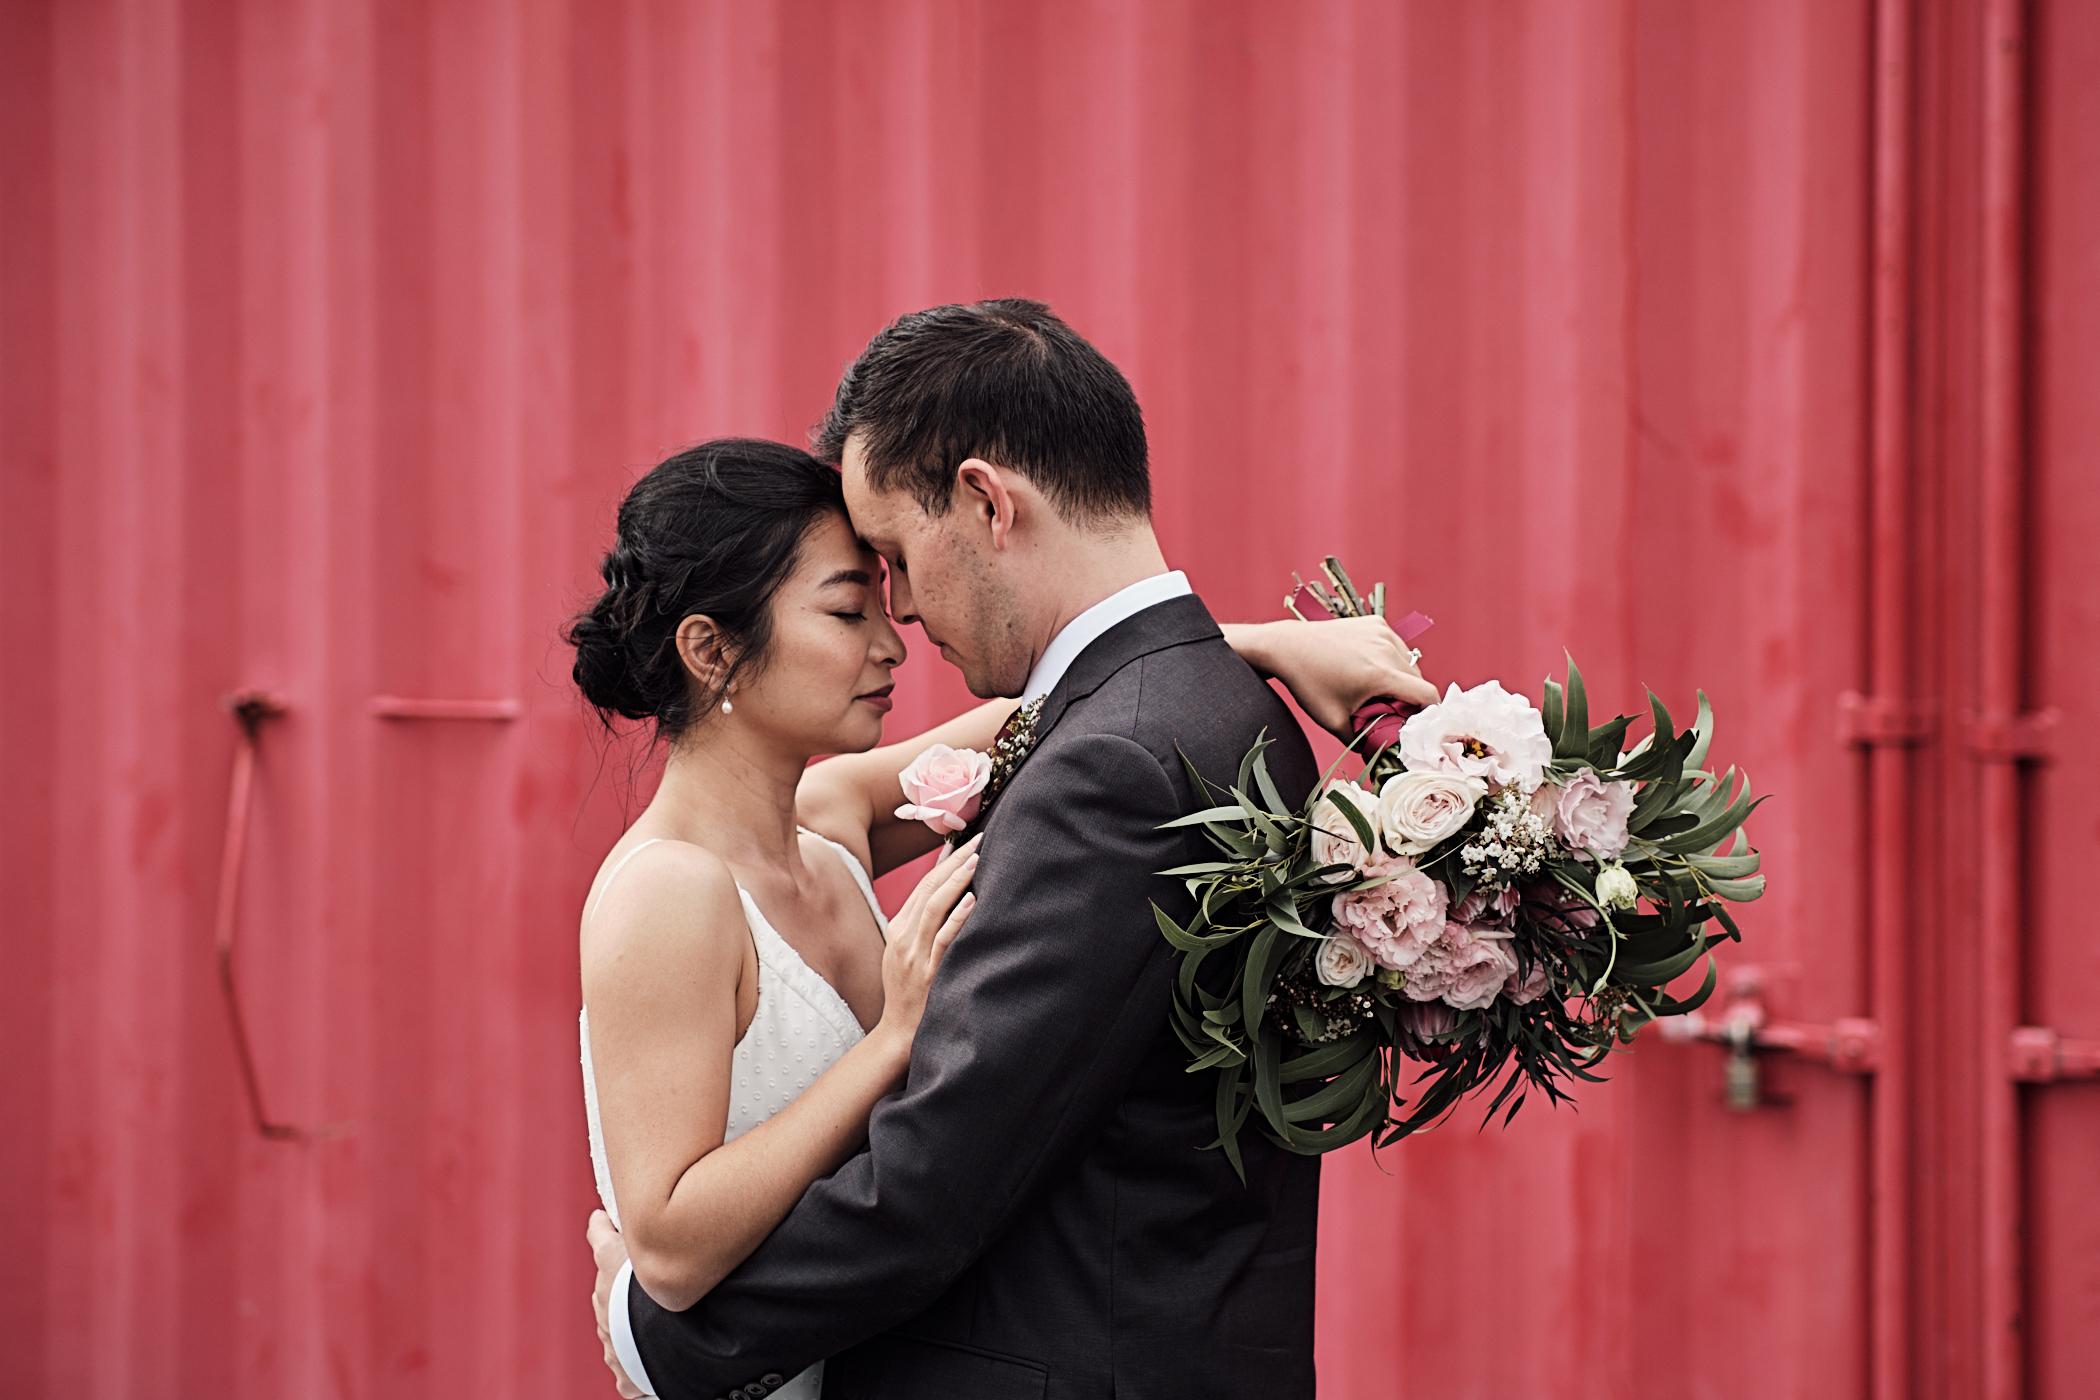 wedding photography 89351